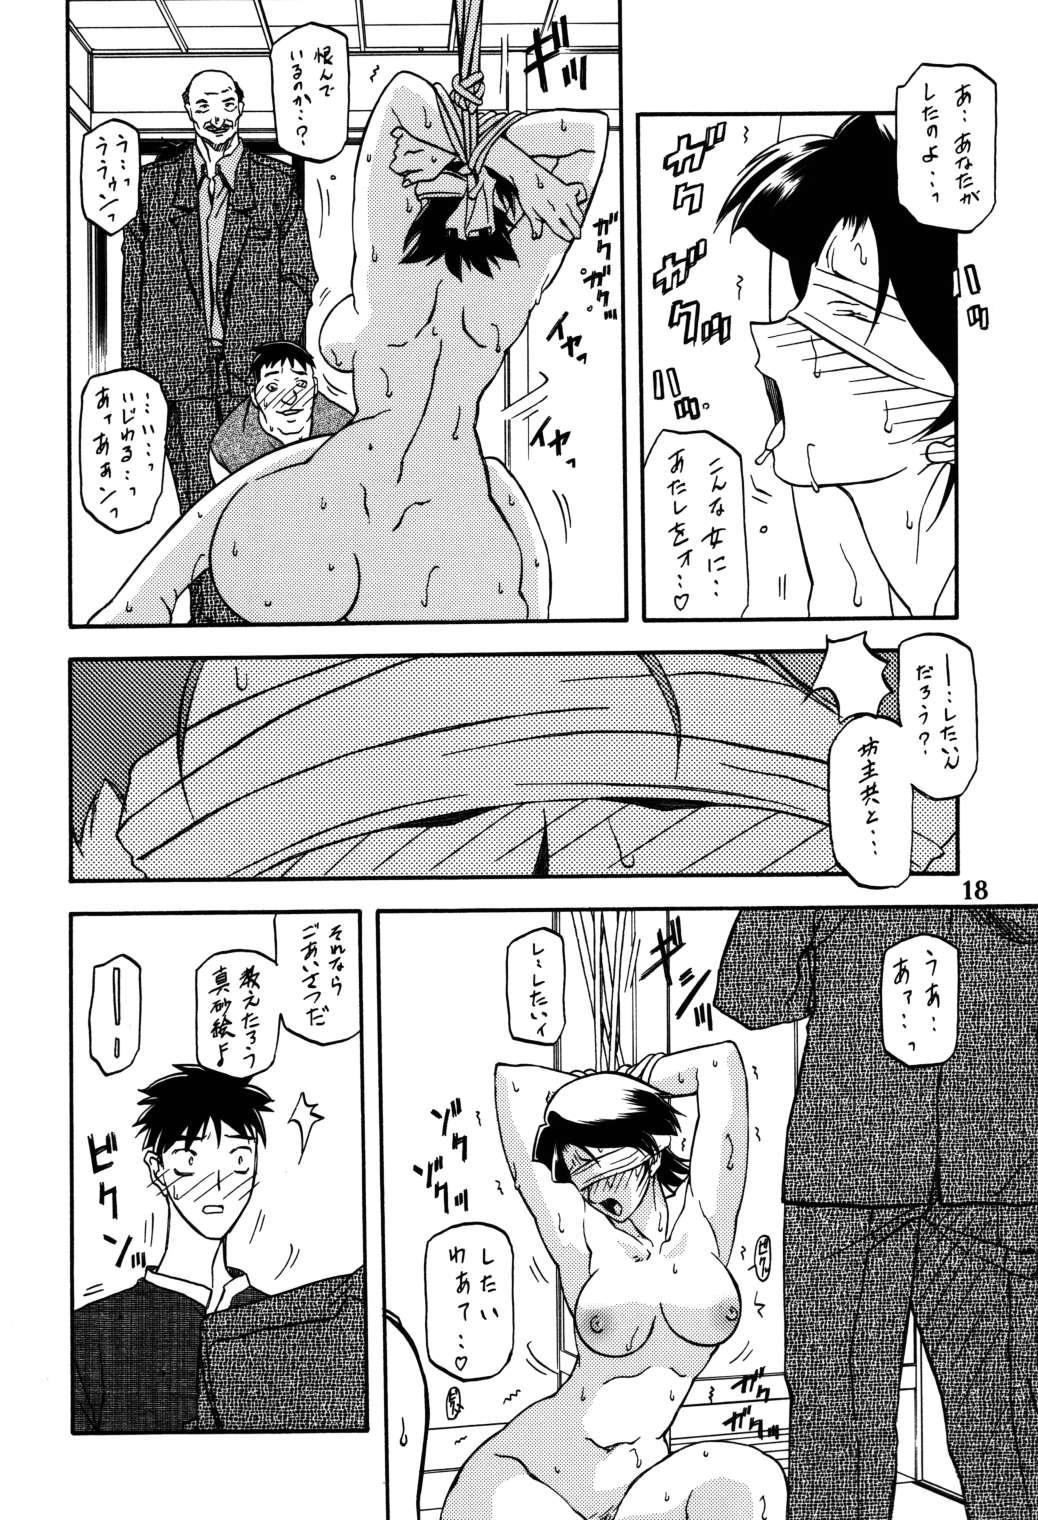 Akebi no Mi - Masae 16